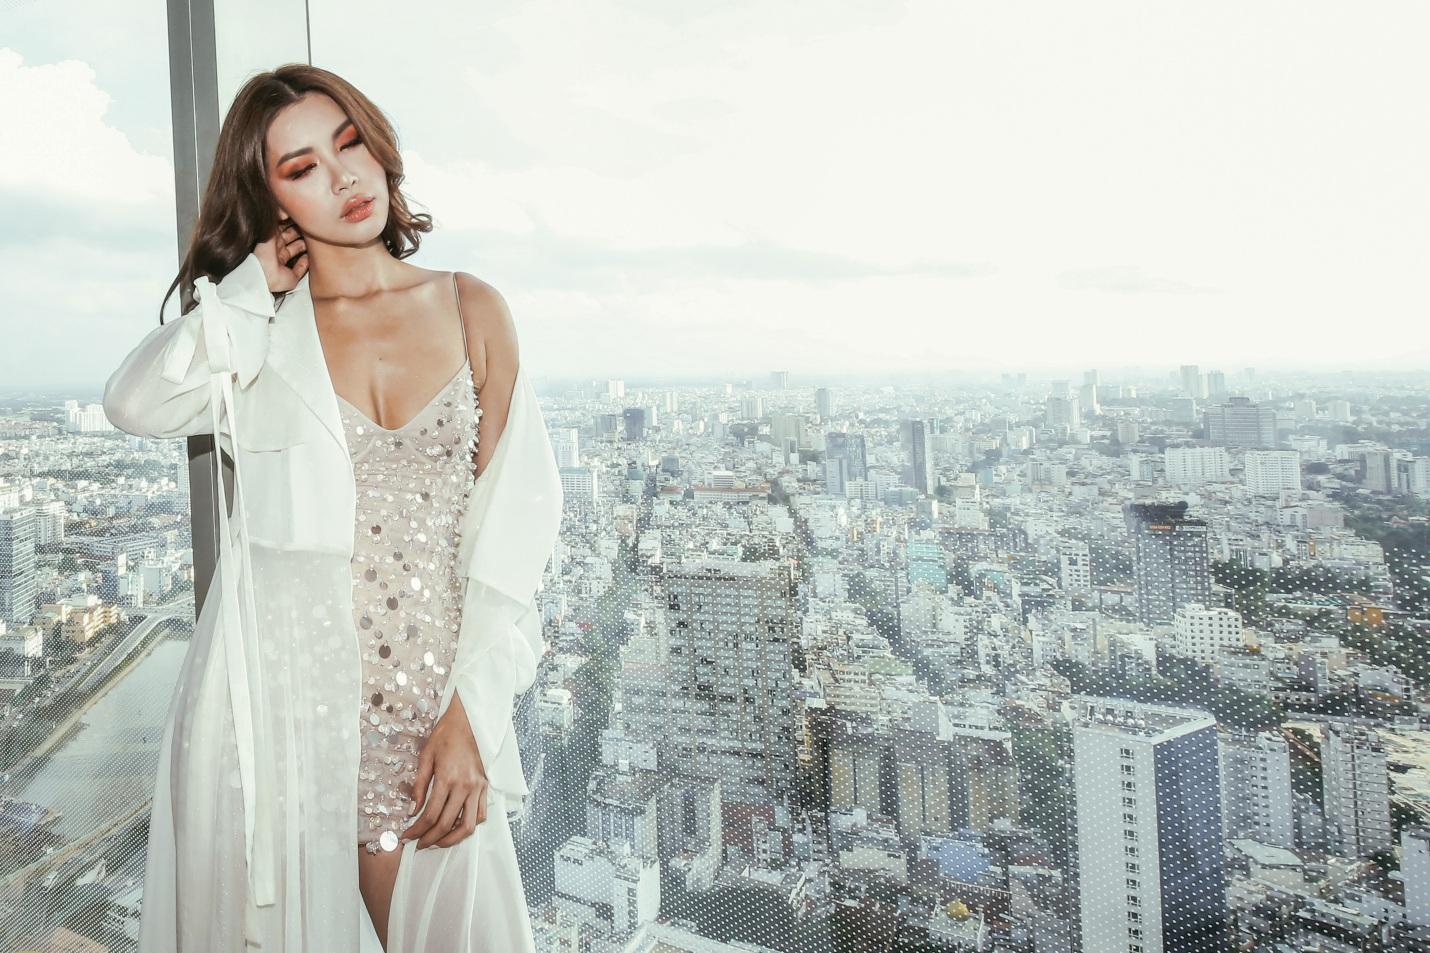 Sau fashion show cực thành công, NTK Chung Thanh Phong bất ngờ tiết lộ bí mật sau hậu trường - Ảnh 1.